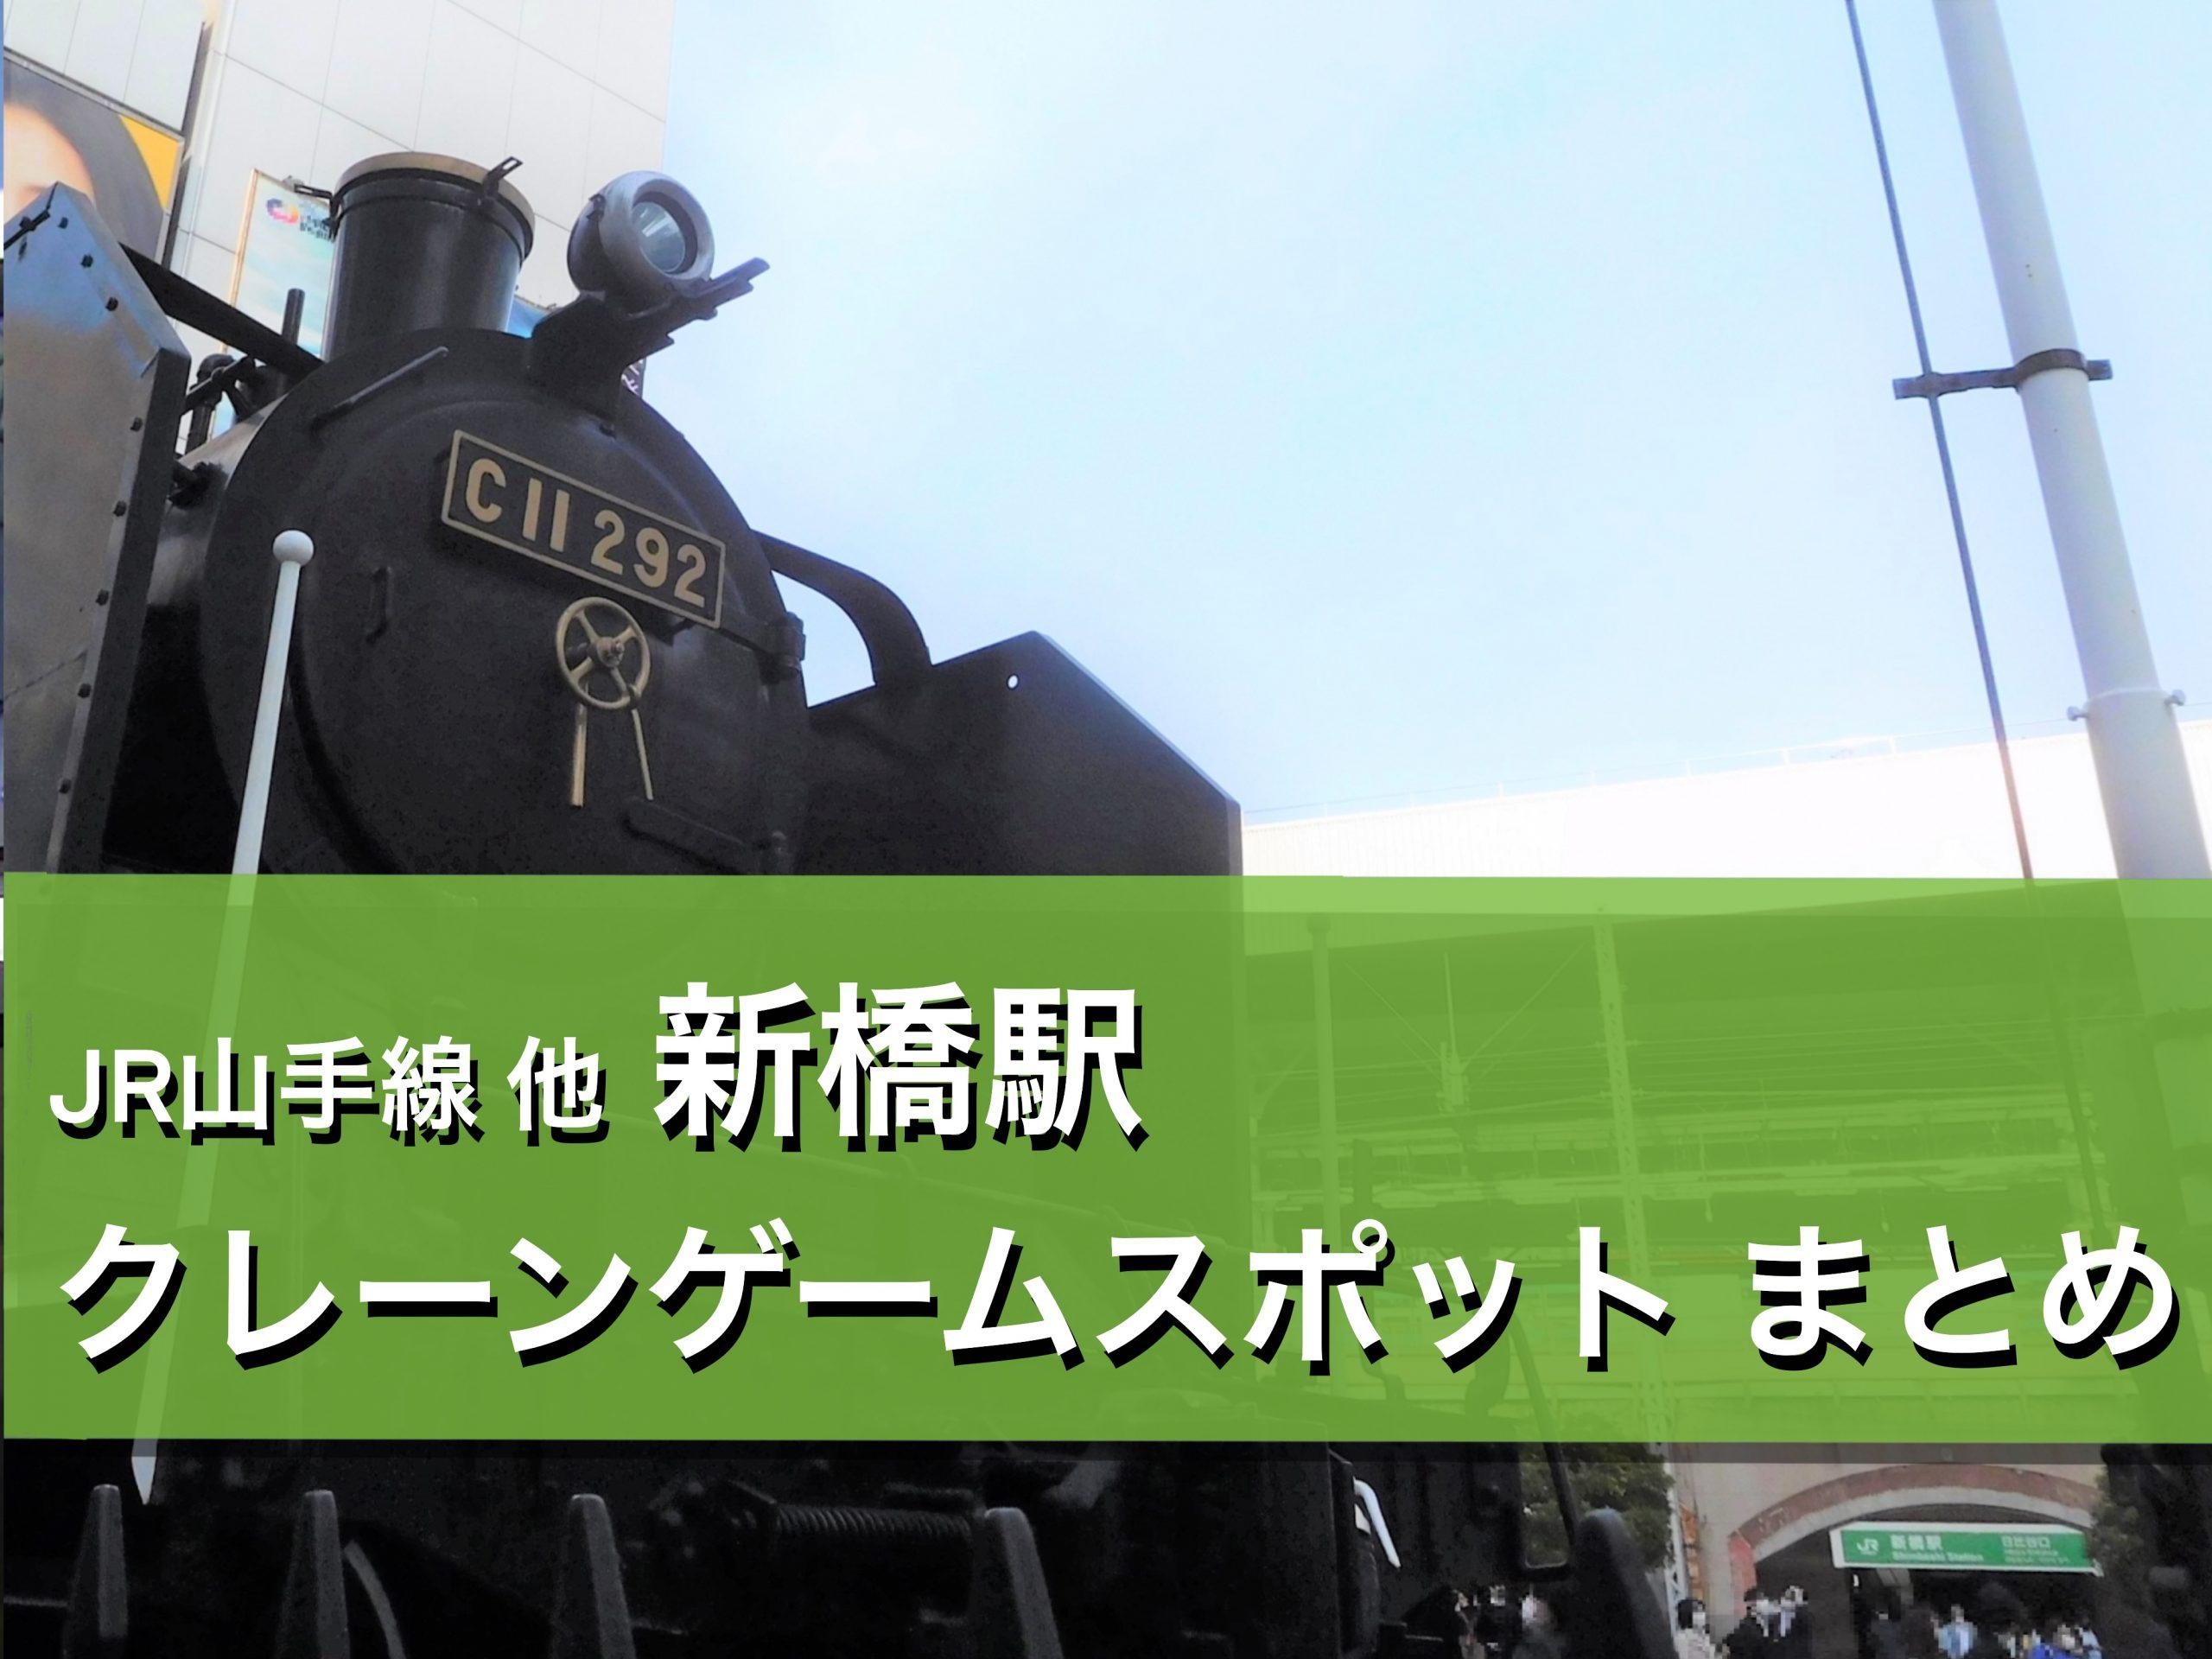 【新橋駅】クレーンゲームができる場所